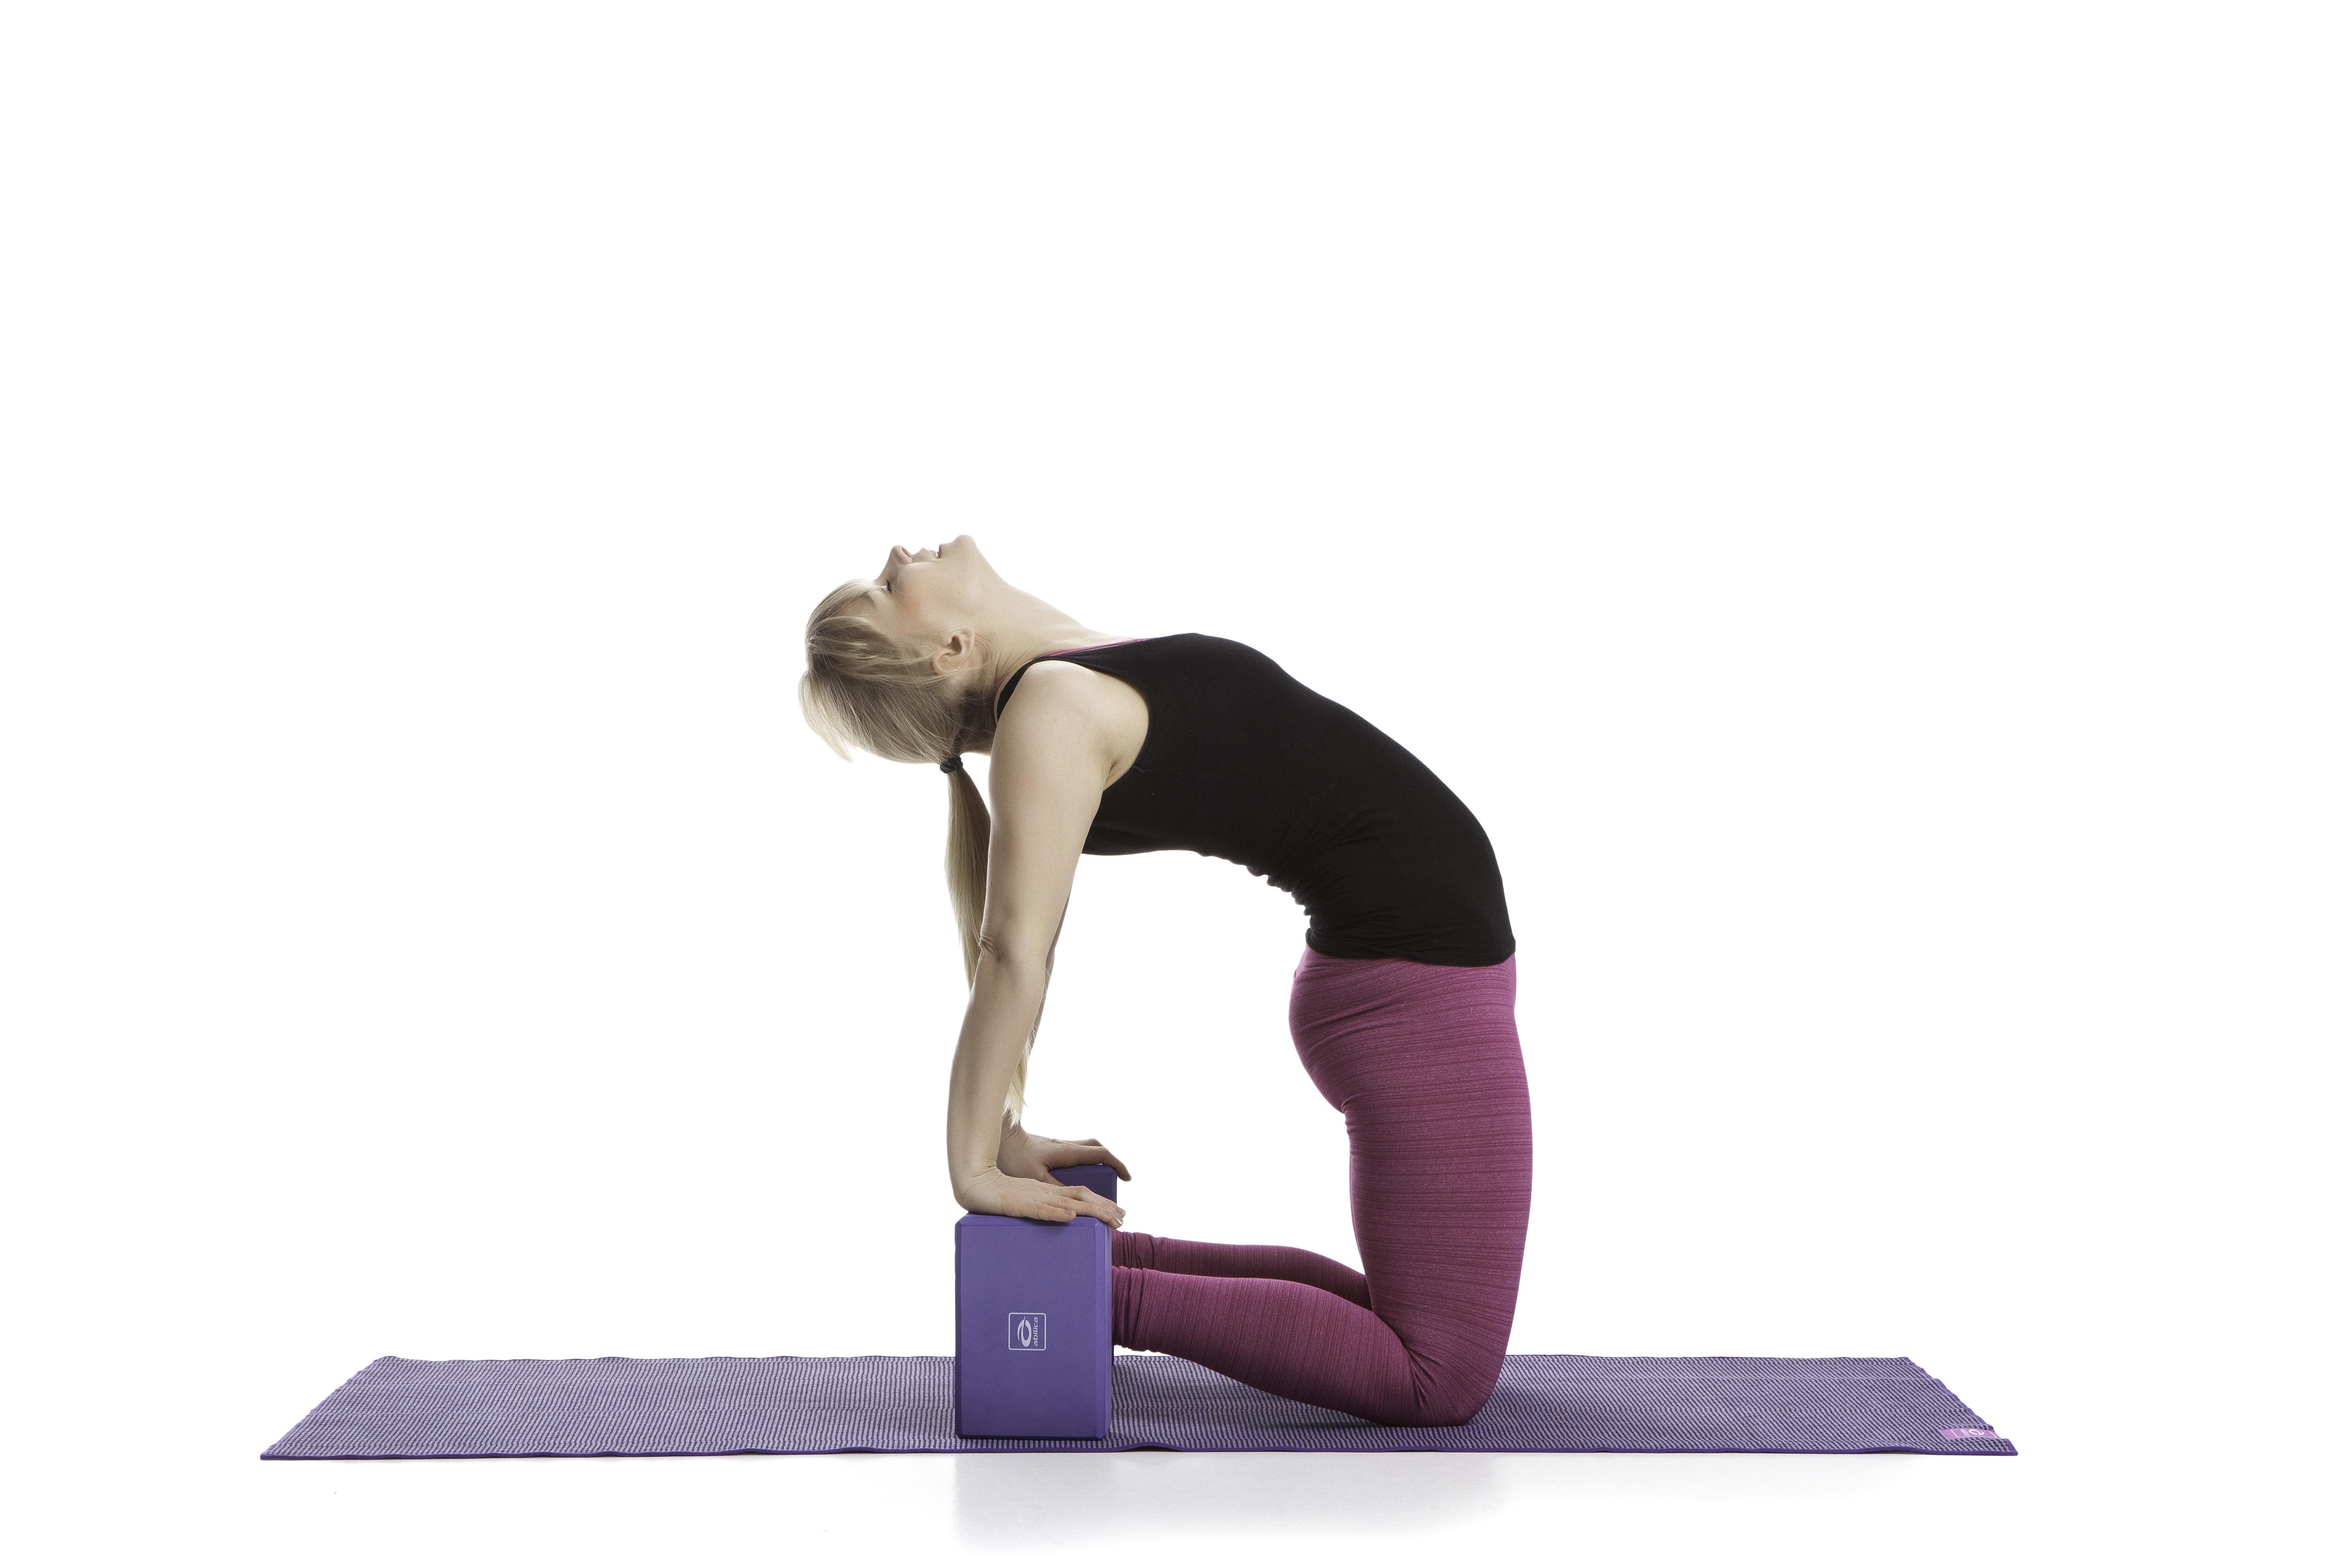 Yogamattan är din personliga arena